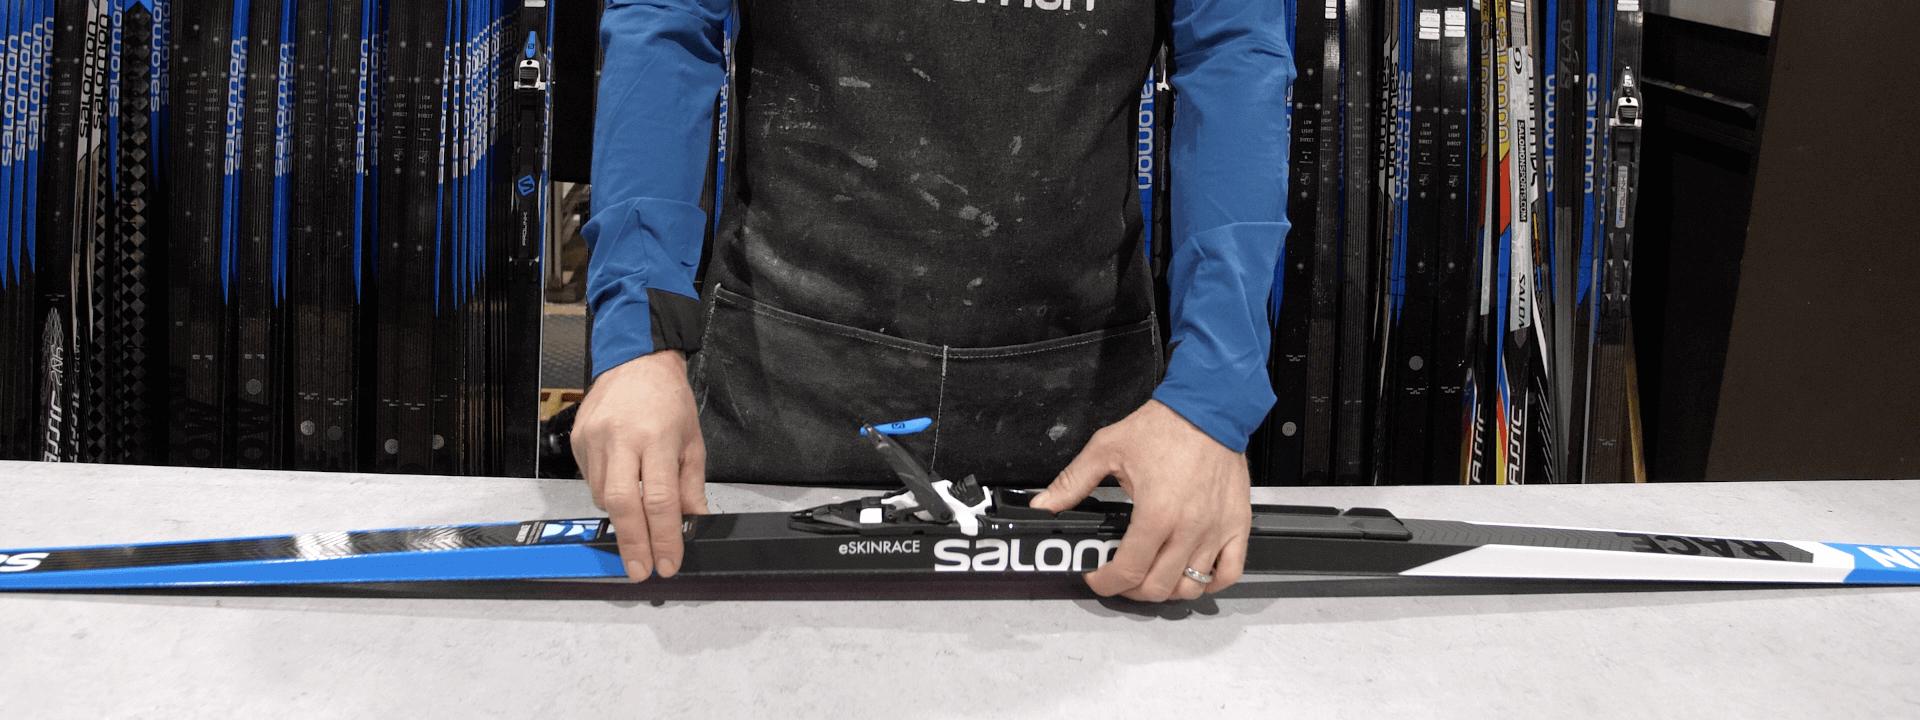 ¿Cómo ajustar adecuadamente las fijaciones de esquí de fondo?